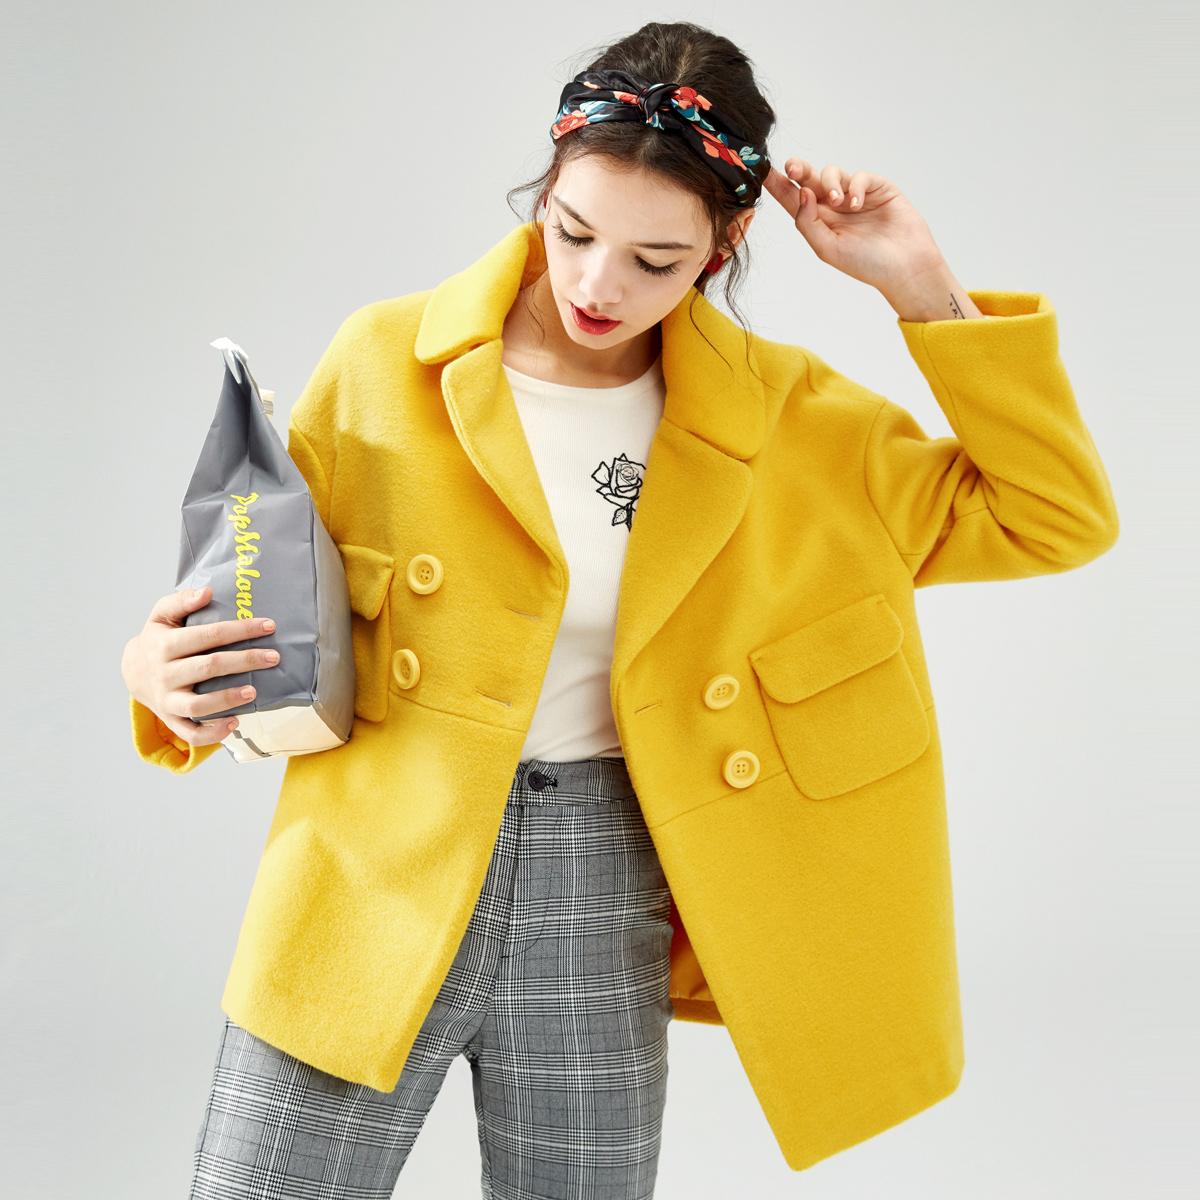 [2 miếng 50% off] Lecho mùa xuân nữ mềm chị len áo khoác nữ ngắn đoạn áo len nhỏ sinh viên Hàn Fan